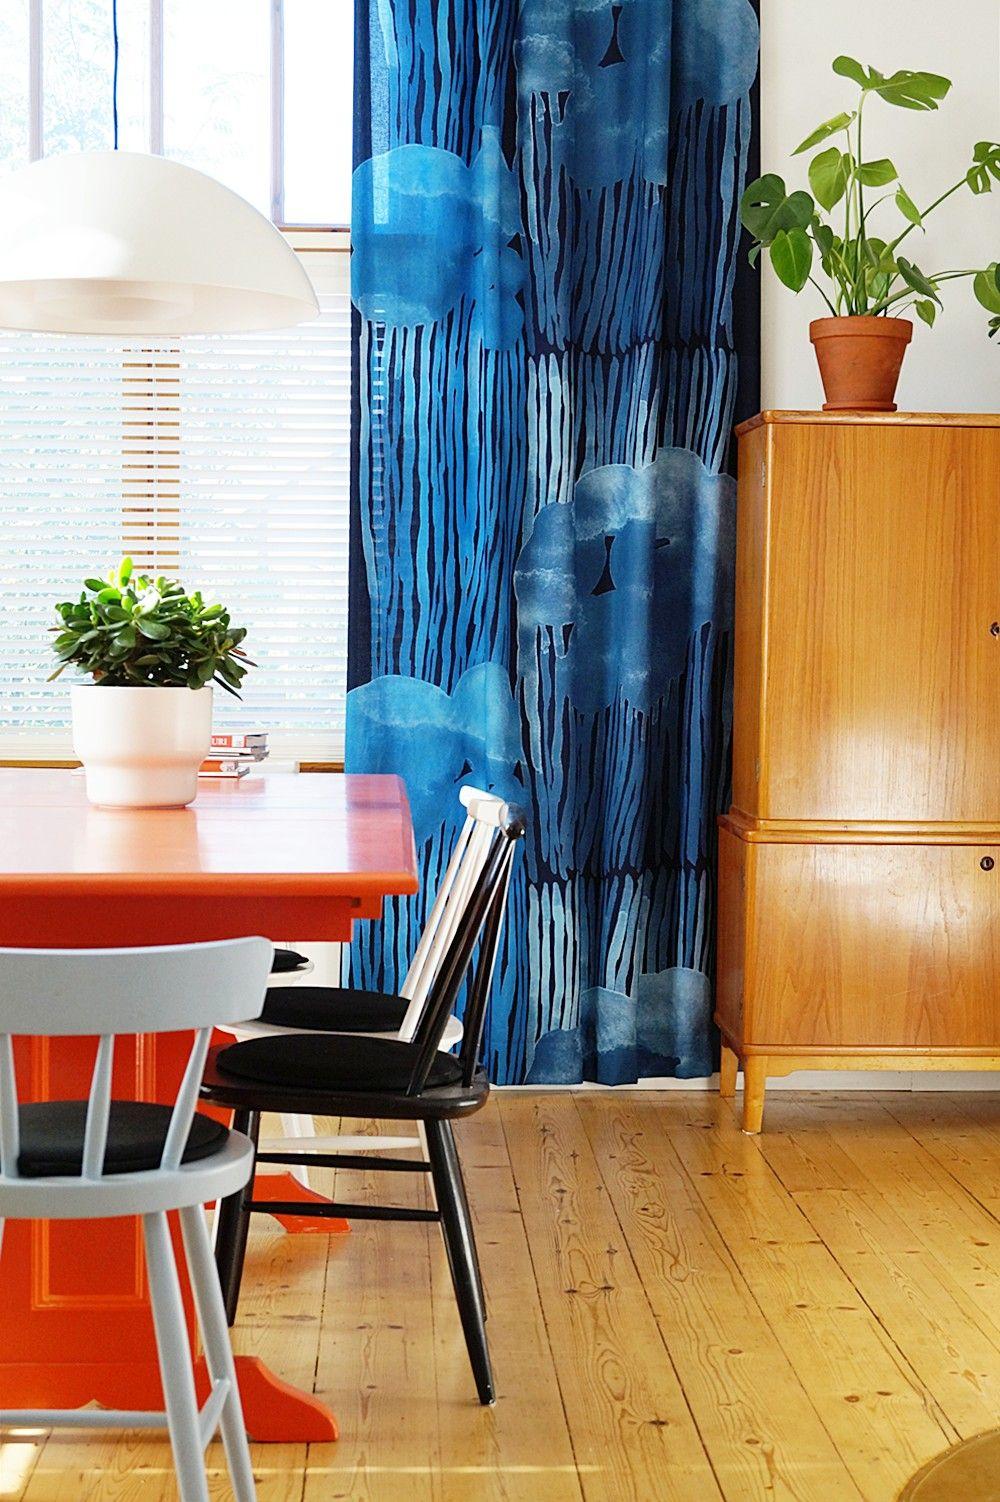 Värikäs ruokahuone on sisustettu kierrätyshuonekaluilla.